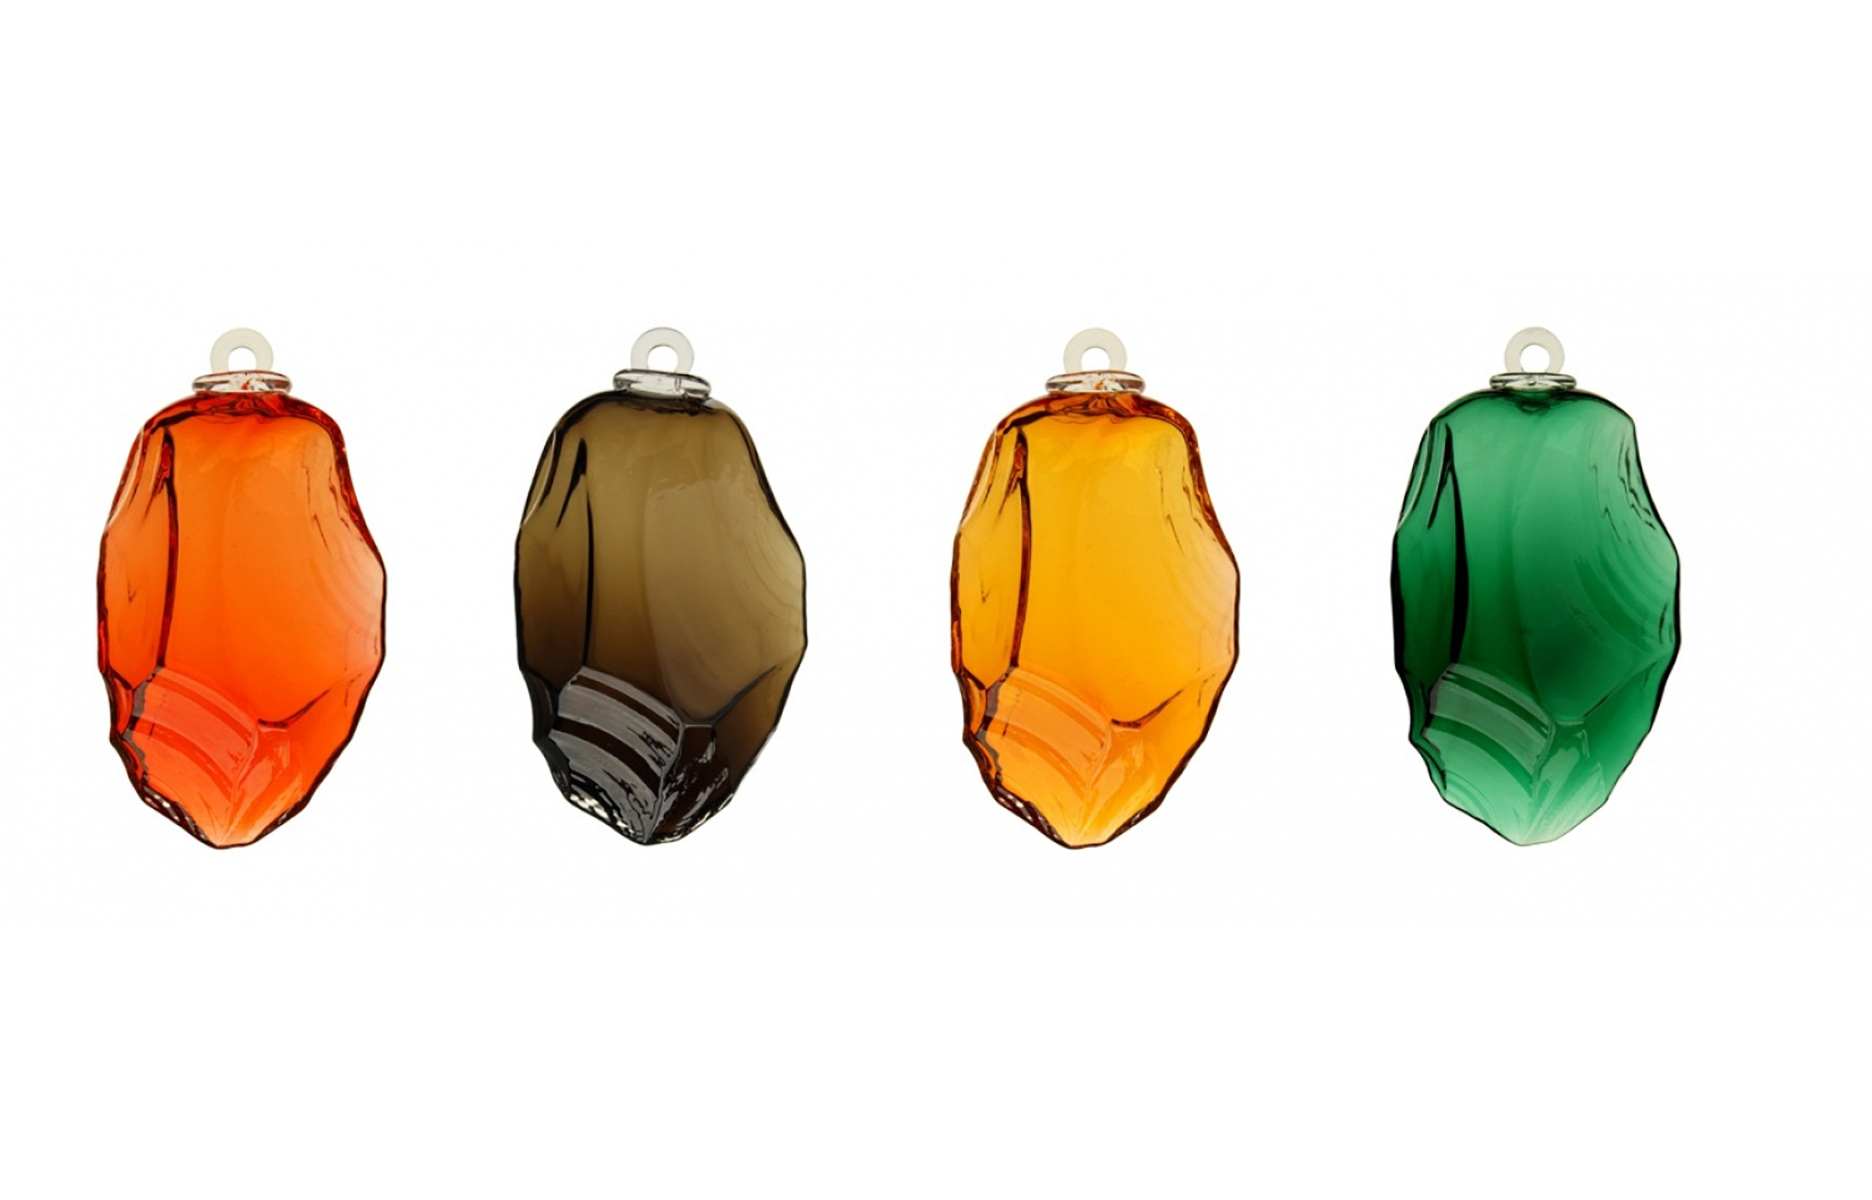 Boules de Noël contemporaines modèle SILEX, design Studio Monsieur à Paris, soufflées à Meisenthal, dans les Vosges du Nord